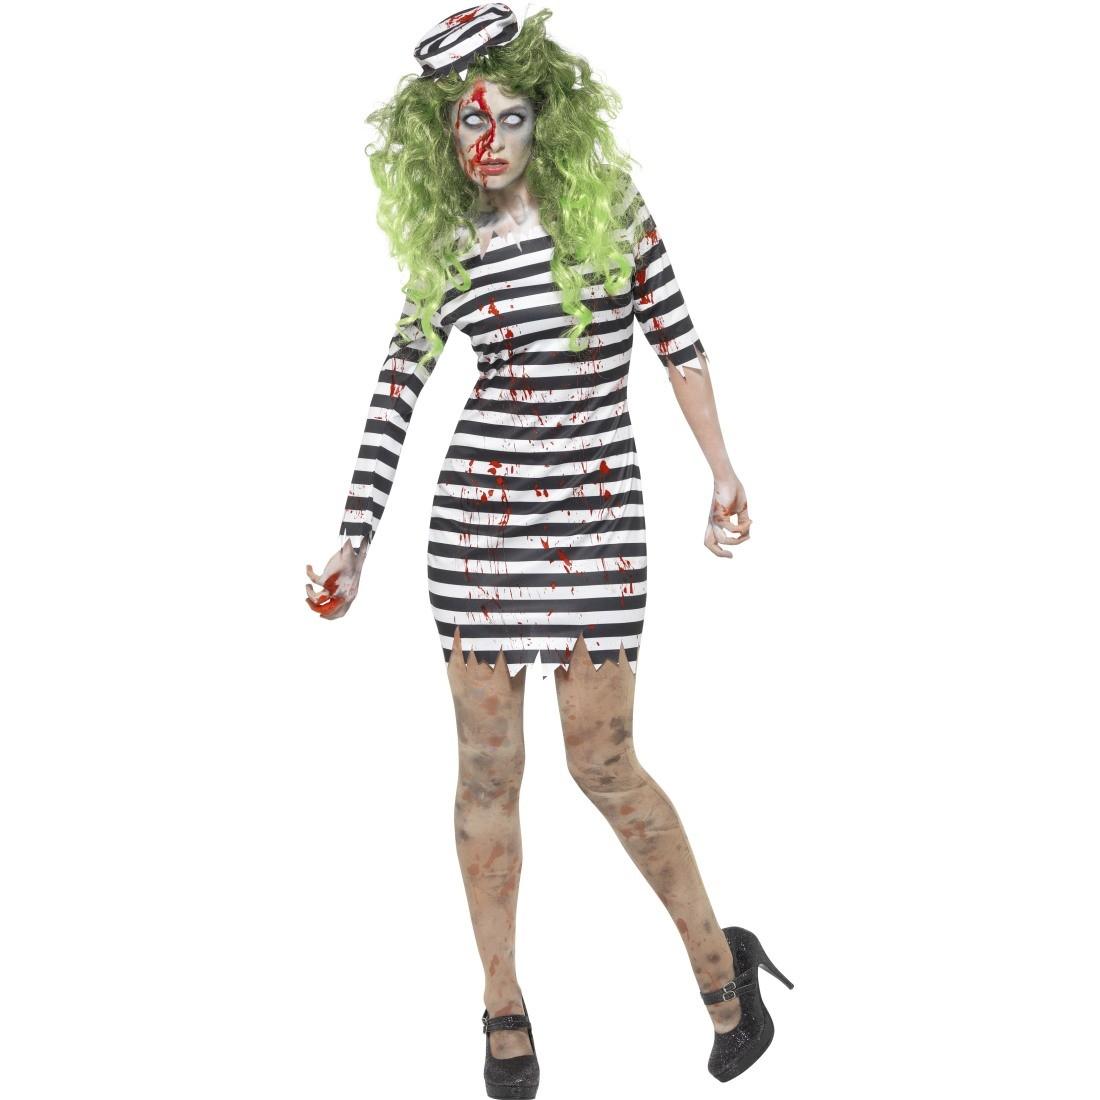 halloween kostüm zombie sträflingskostüm damen, 22,95 ¬